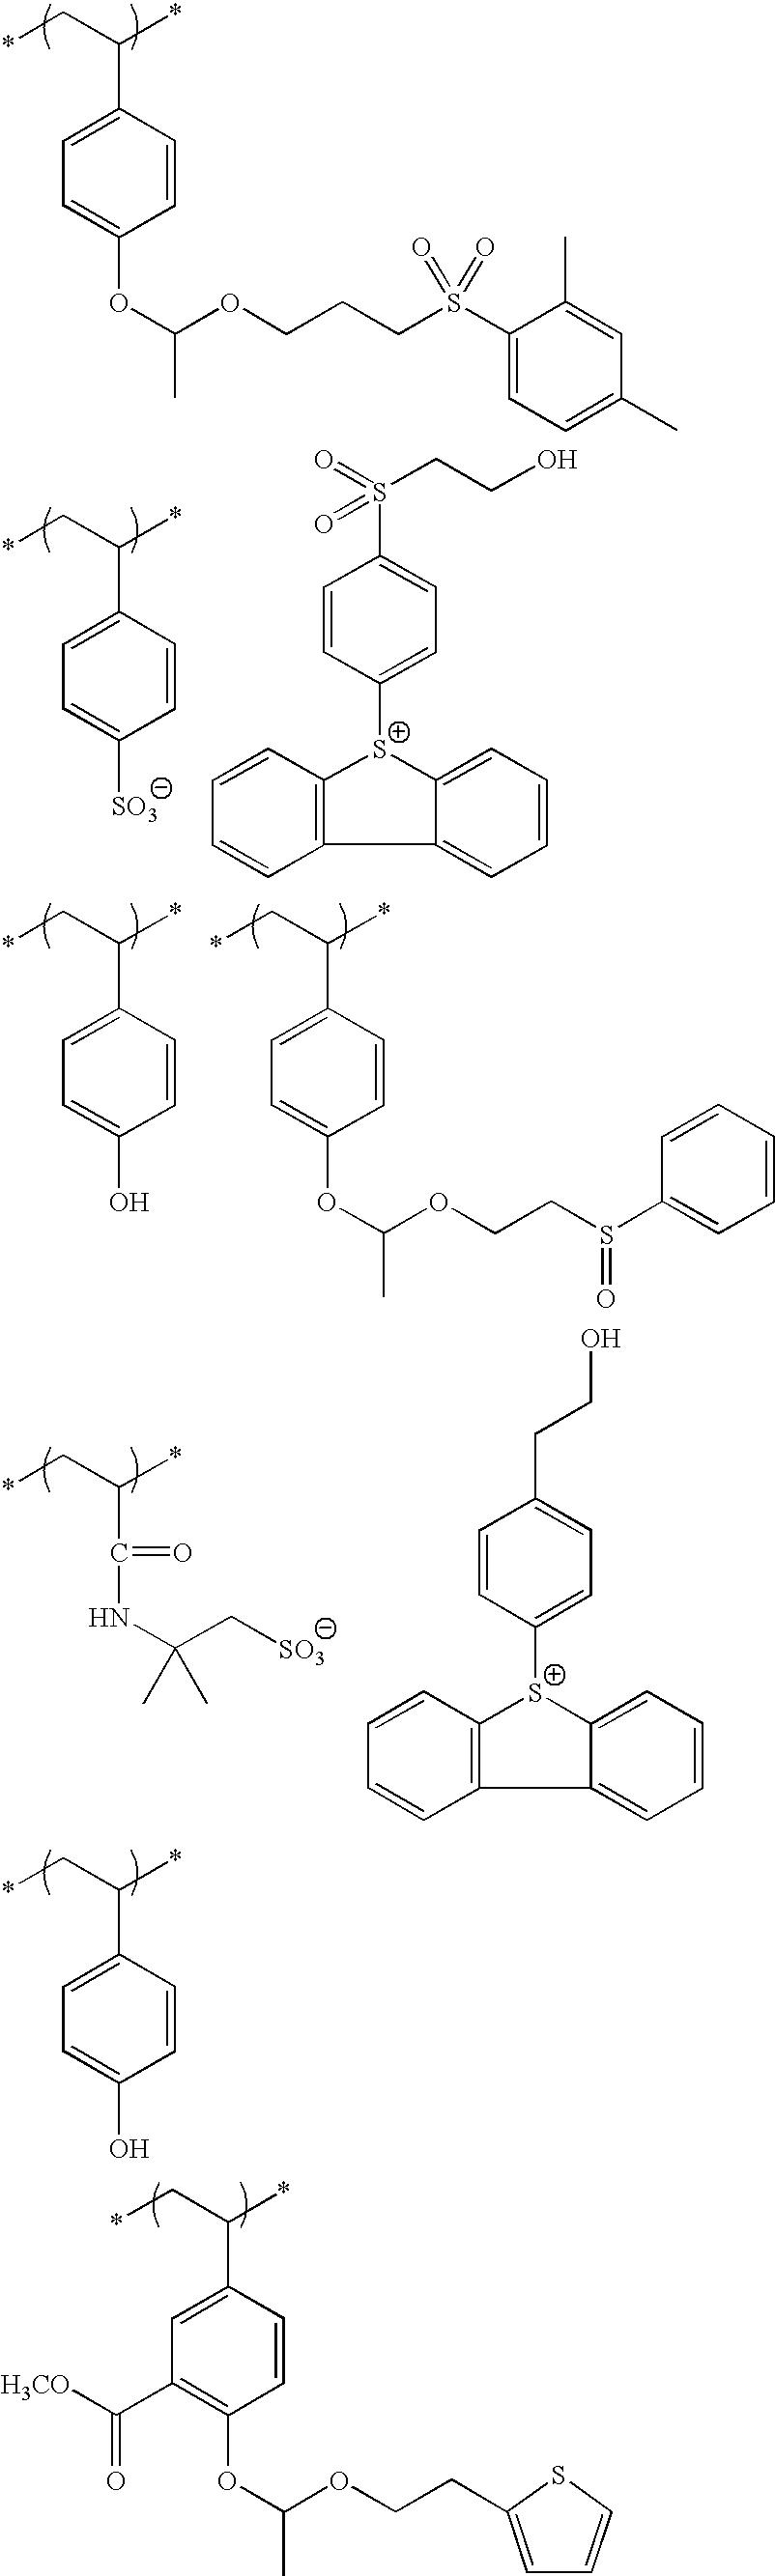 Figure US20100183975A1-20100722-C00180